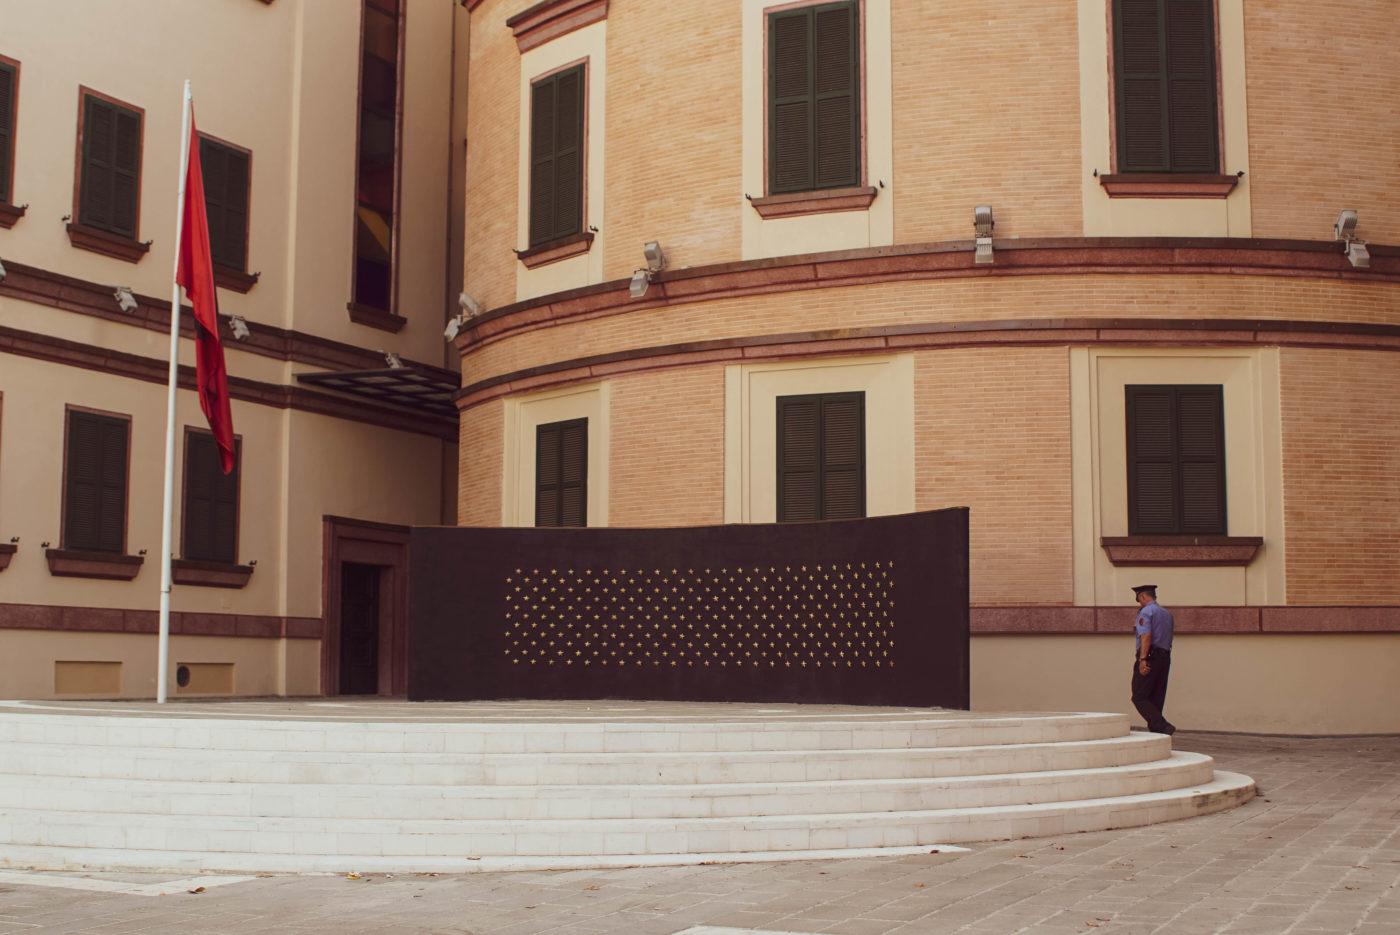 Eine schwarze Wand mt ca. 100 kleinen goldenen Sternen ist auf einem runden Podest zu sehen. Im Hintergrund läuft ein Wachmann vor einem der Regierungsgebäude im Zentrum von Tirana